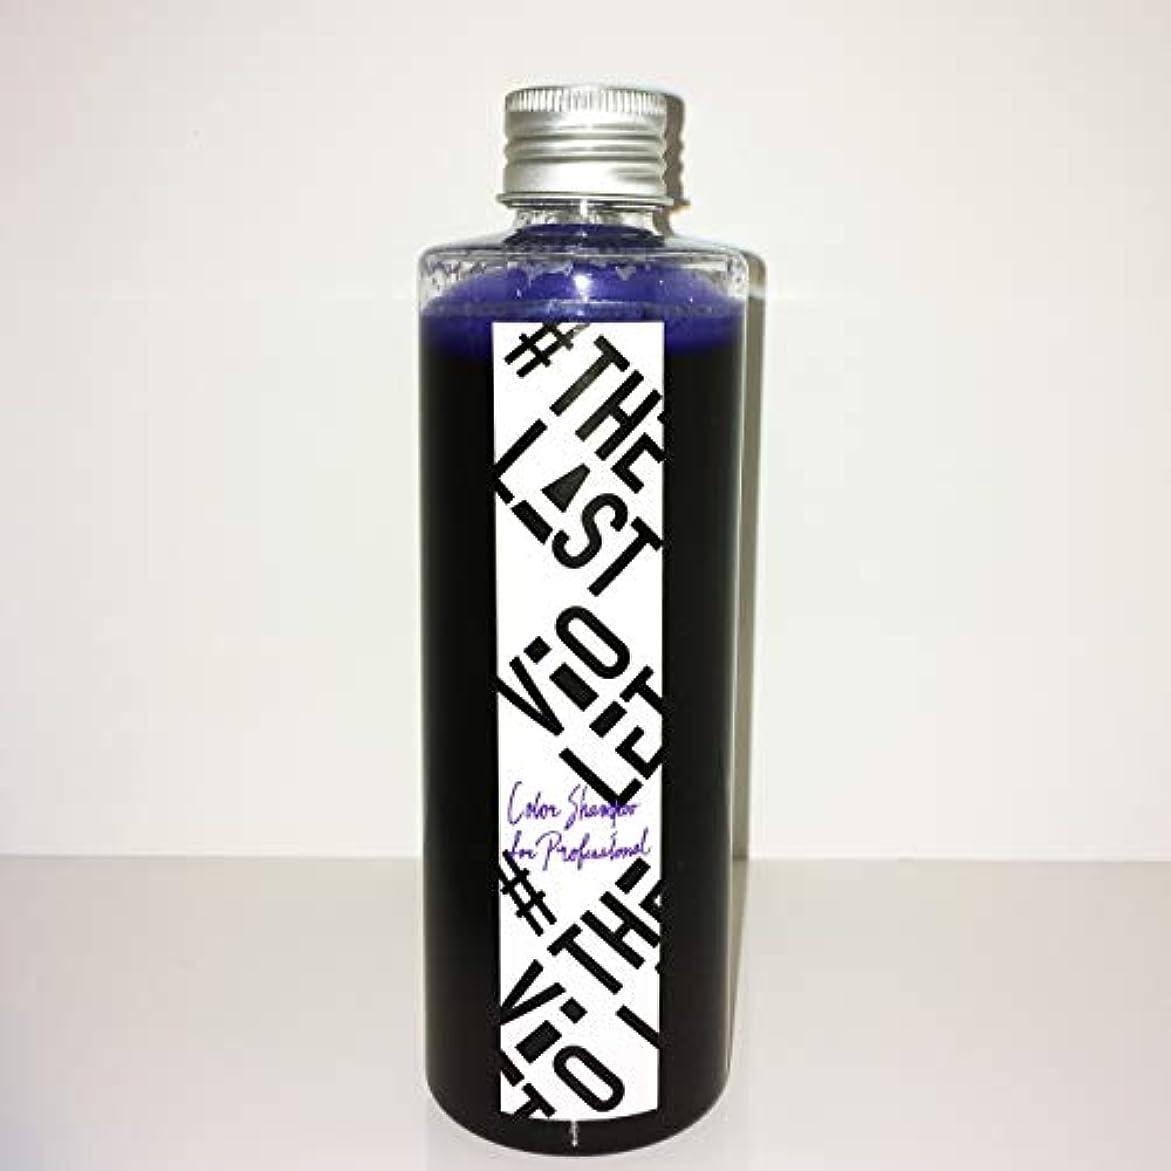 相談する豪華な住居# THE LAST 【ザ ラスト】 カラーシャンプー color shampoo for professional type violet 高級オイル配合 濃厚 ムラサキシャンプー ムラシャン 紫